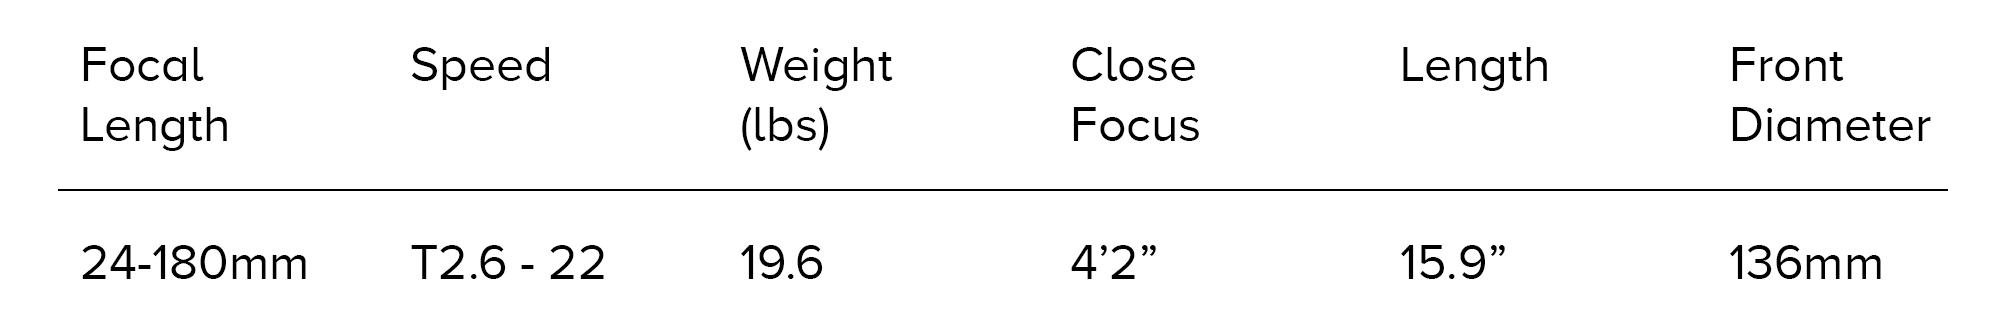 Fujinon-24-180-Specs.png